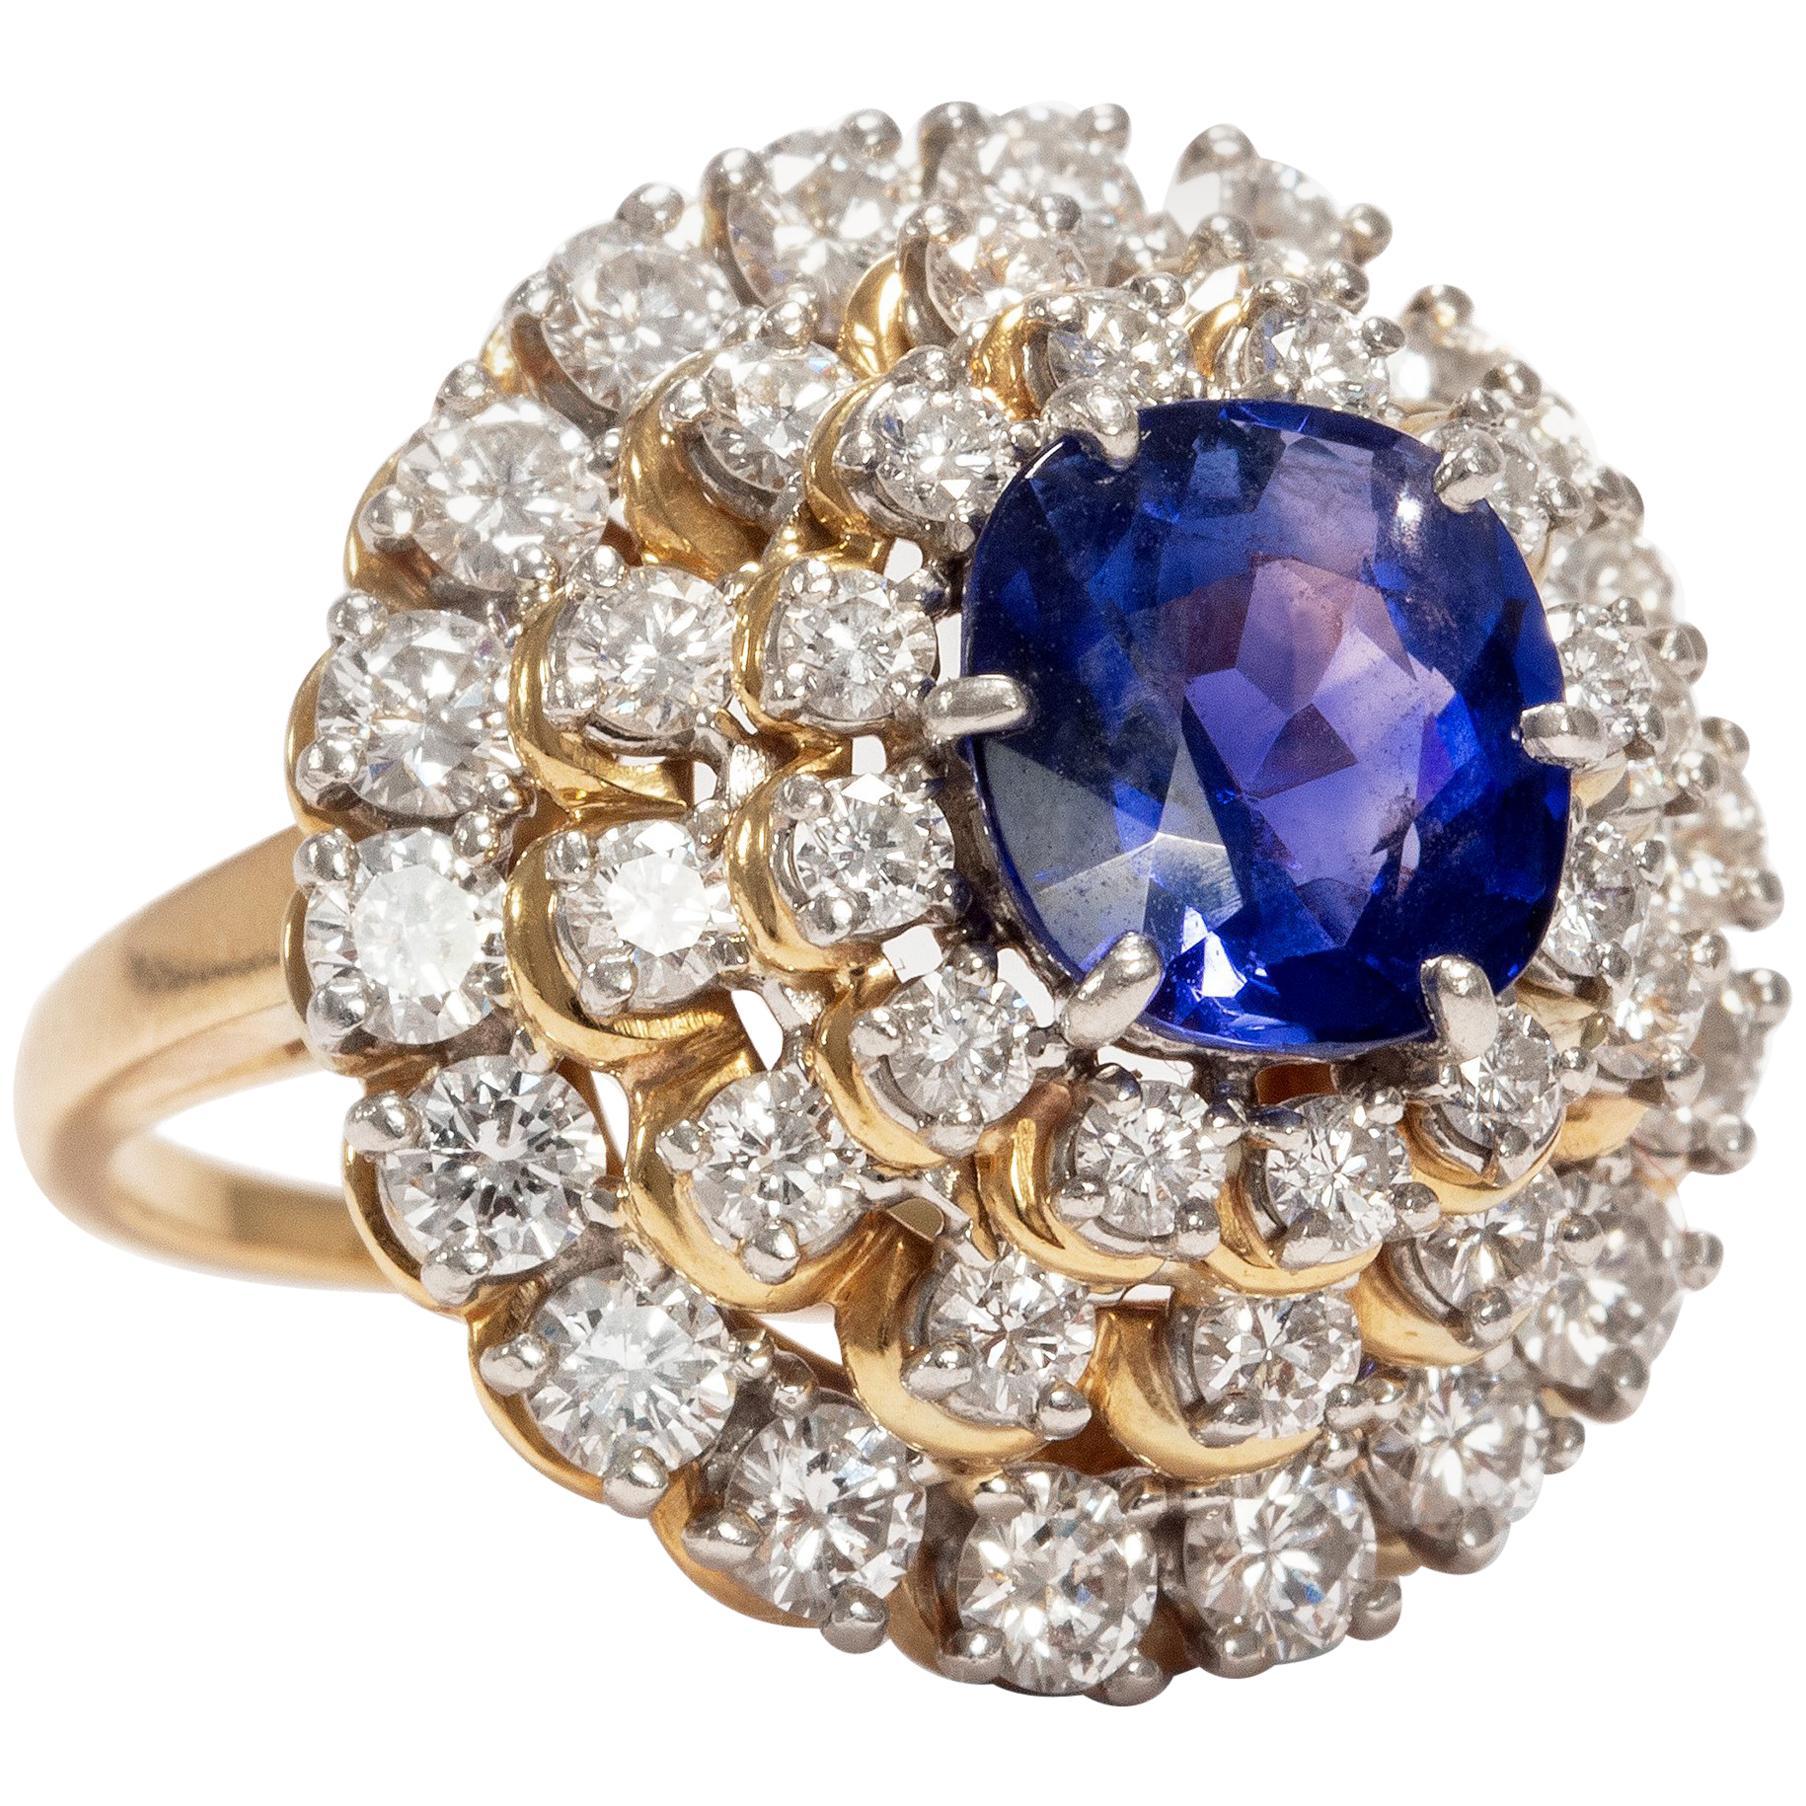 Grand 1 ct Baguette Diamant Statement Ring silver Sz 6 Naturel Véritable